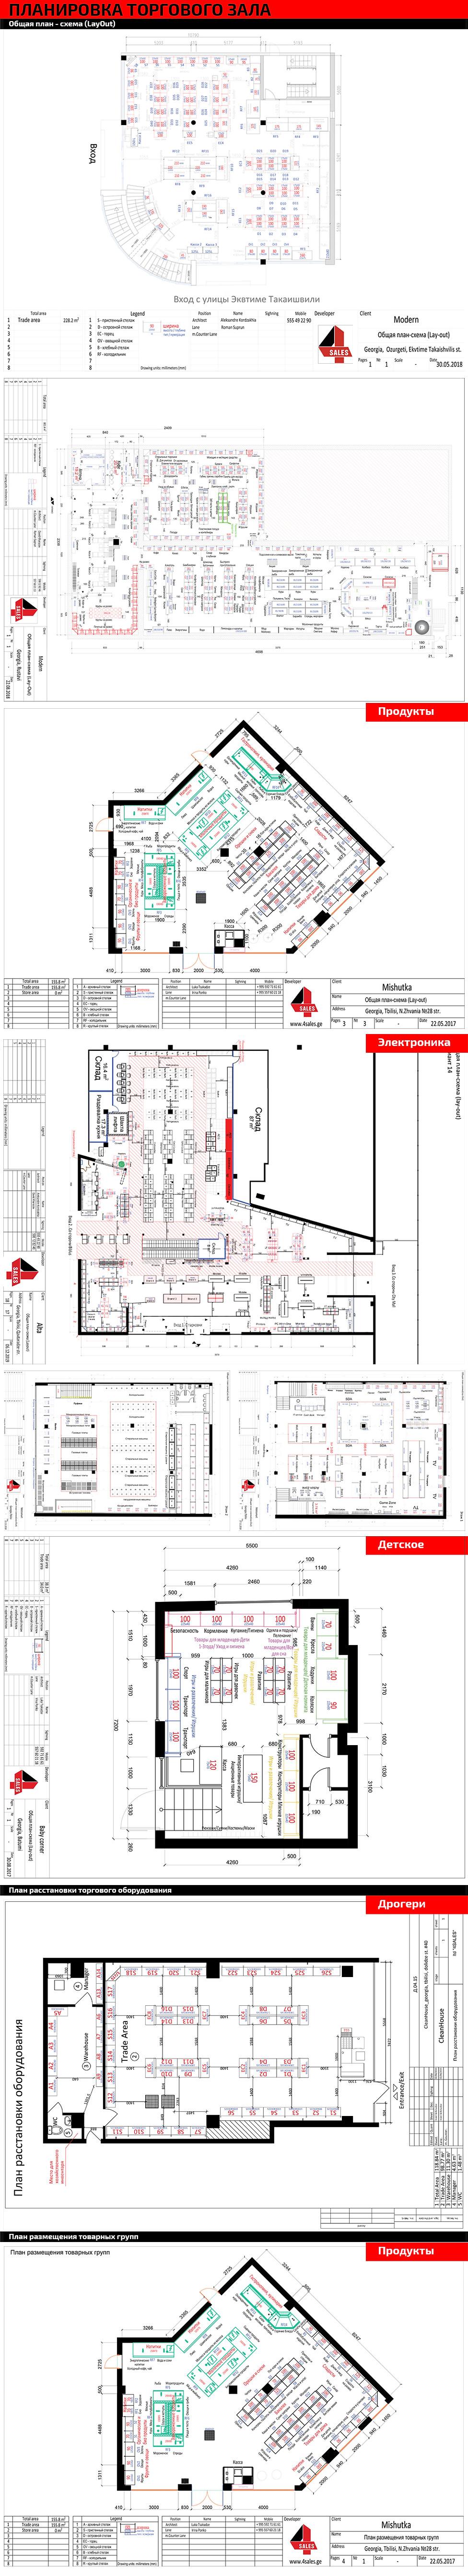 планировка торгового зала.jpg